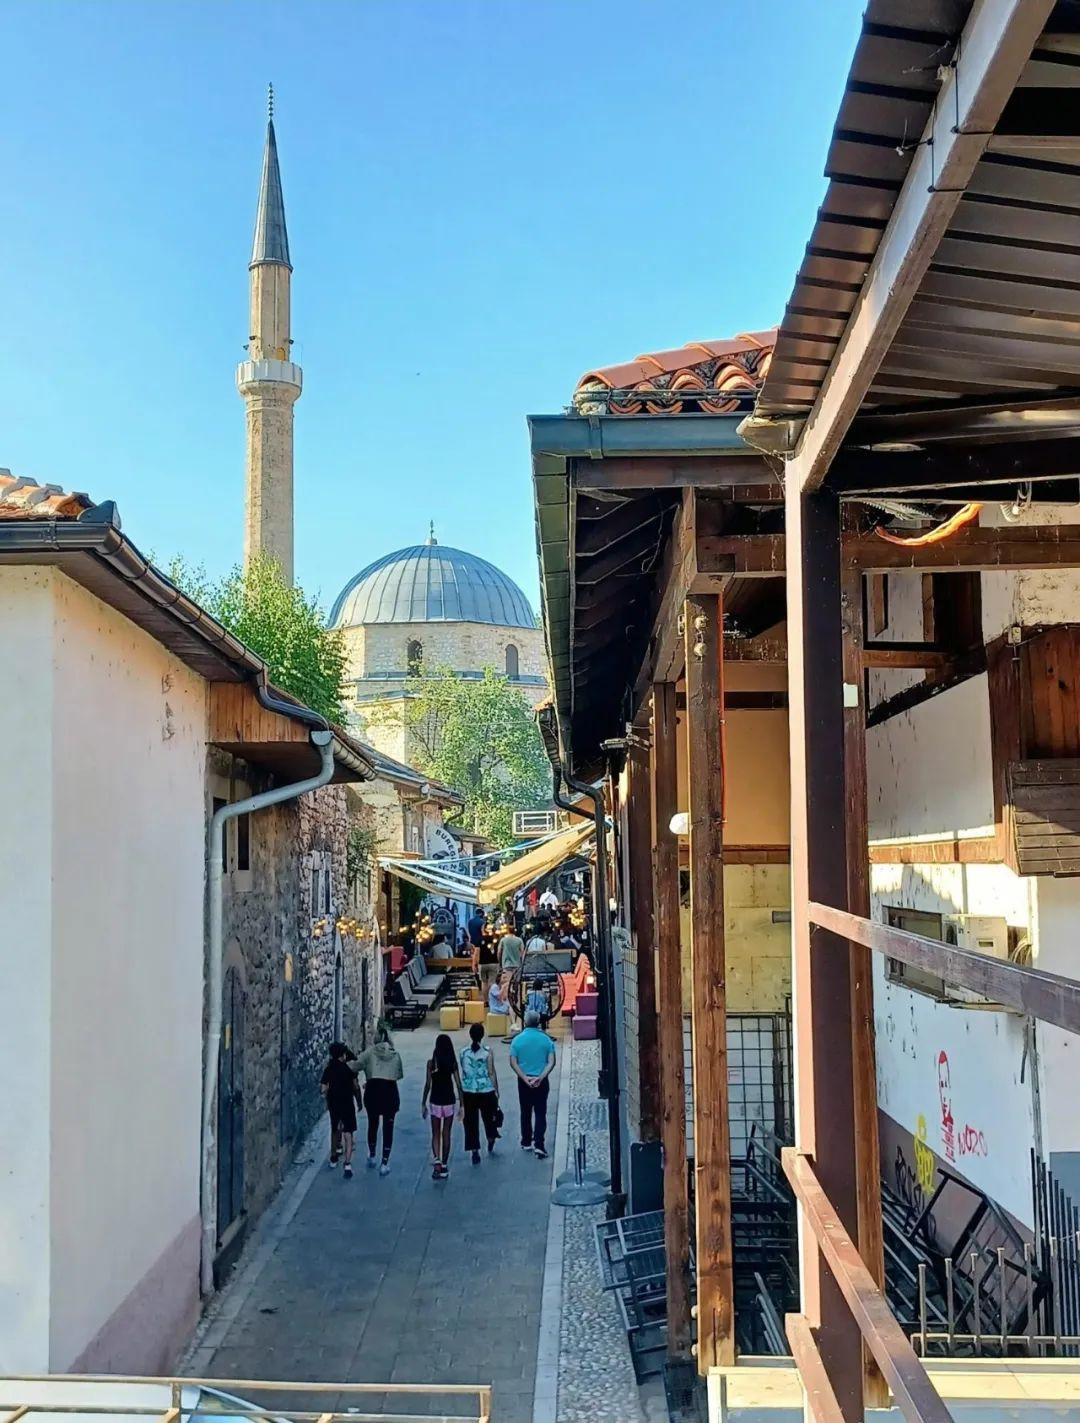 又一场说走就走的旅行:巴尔干半岛掠影 (五)